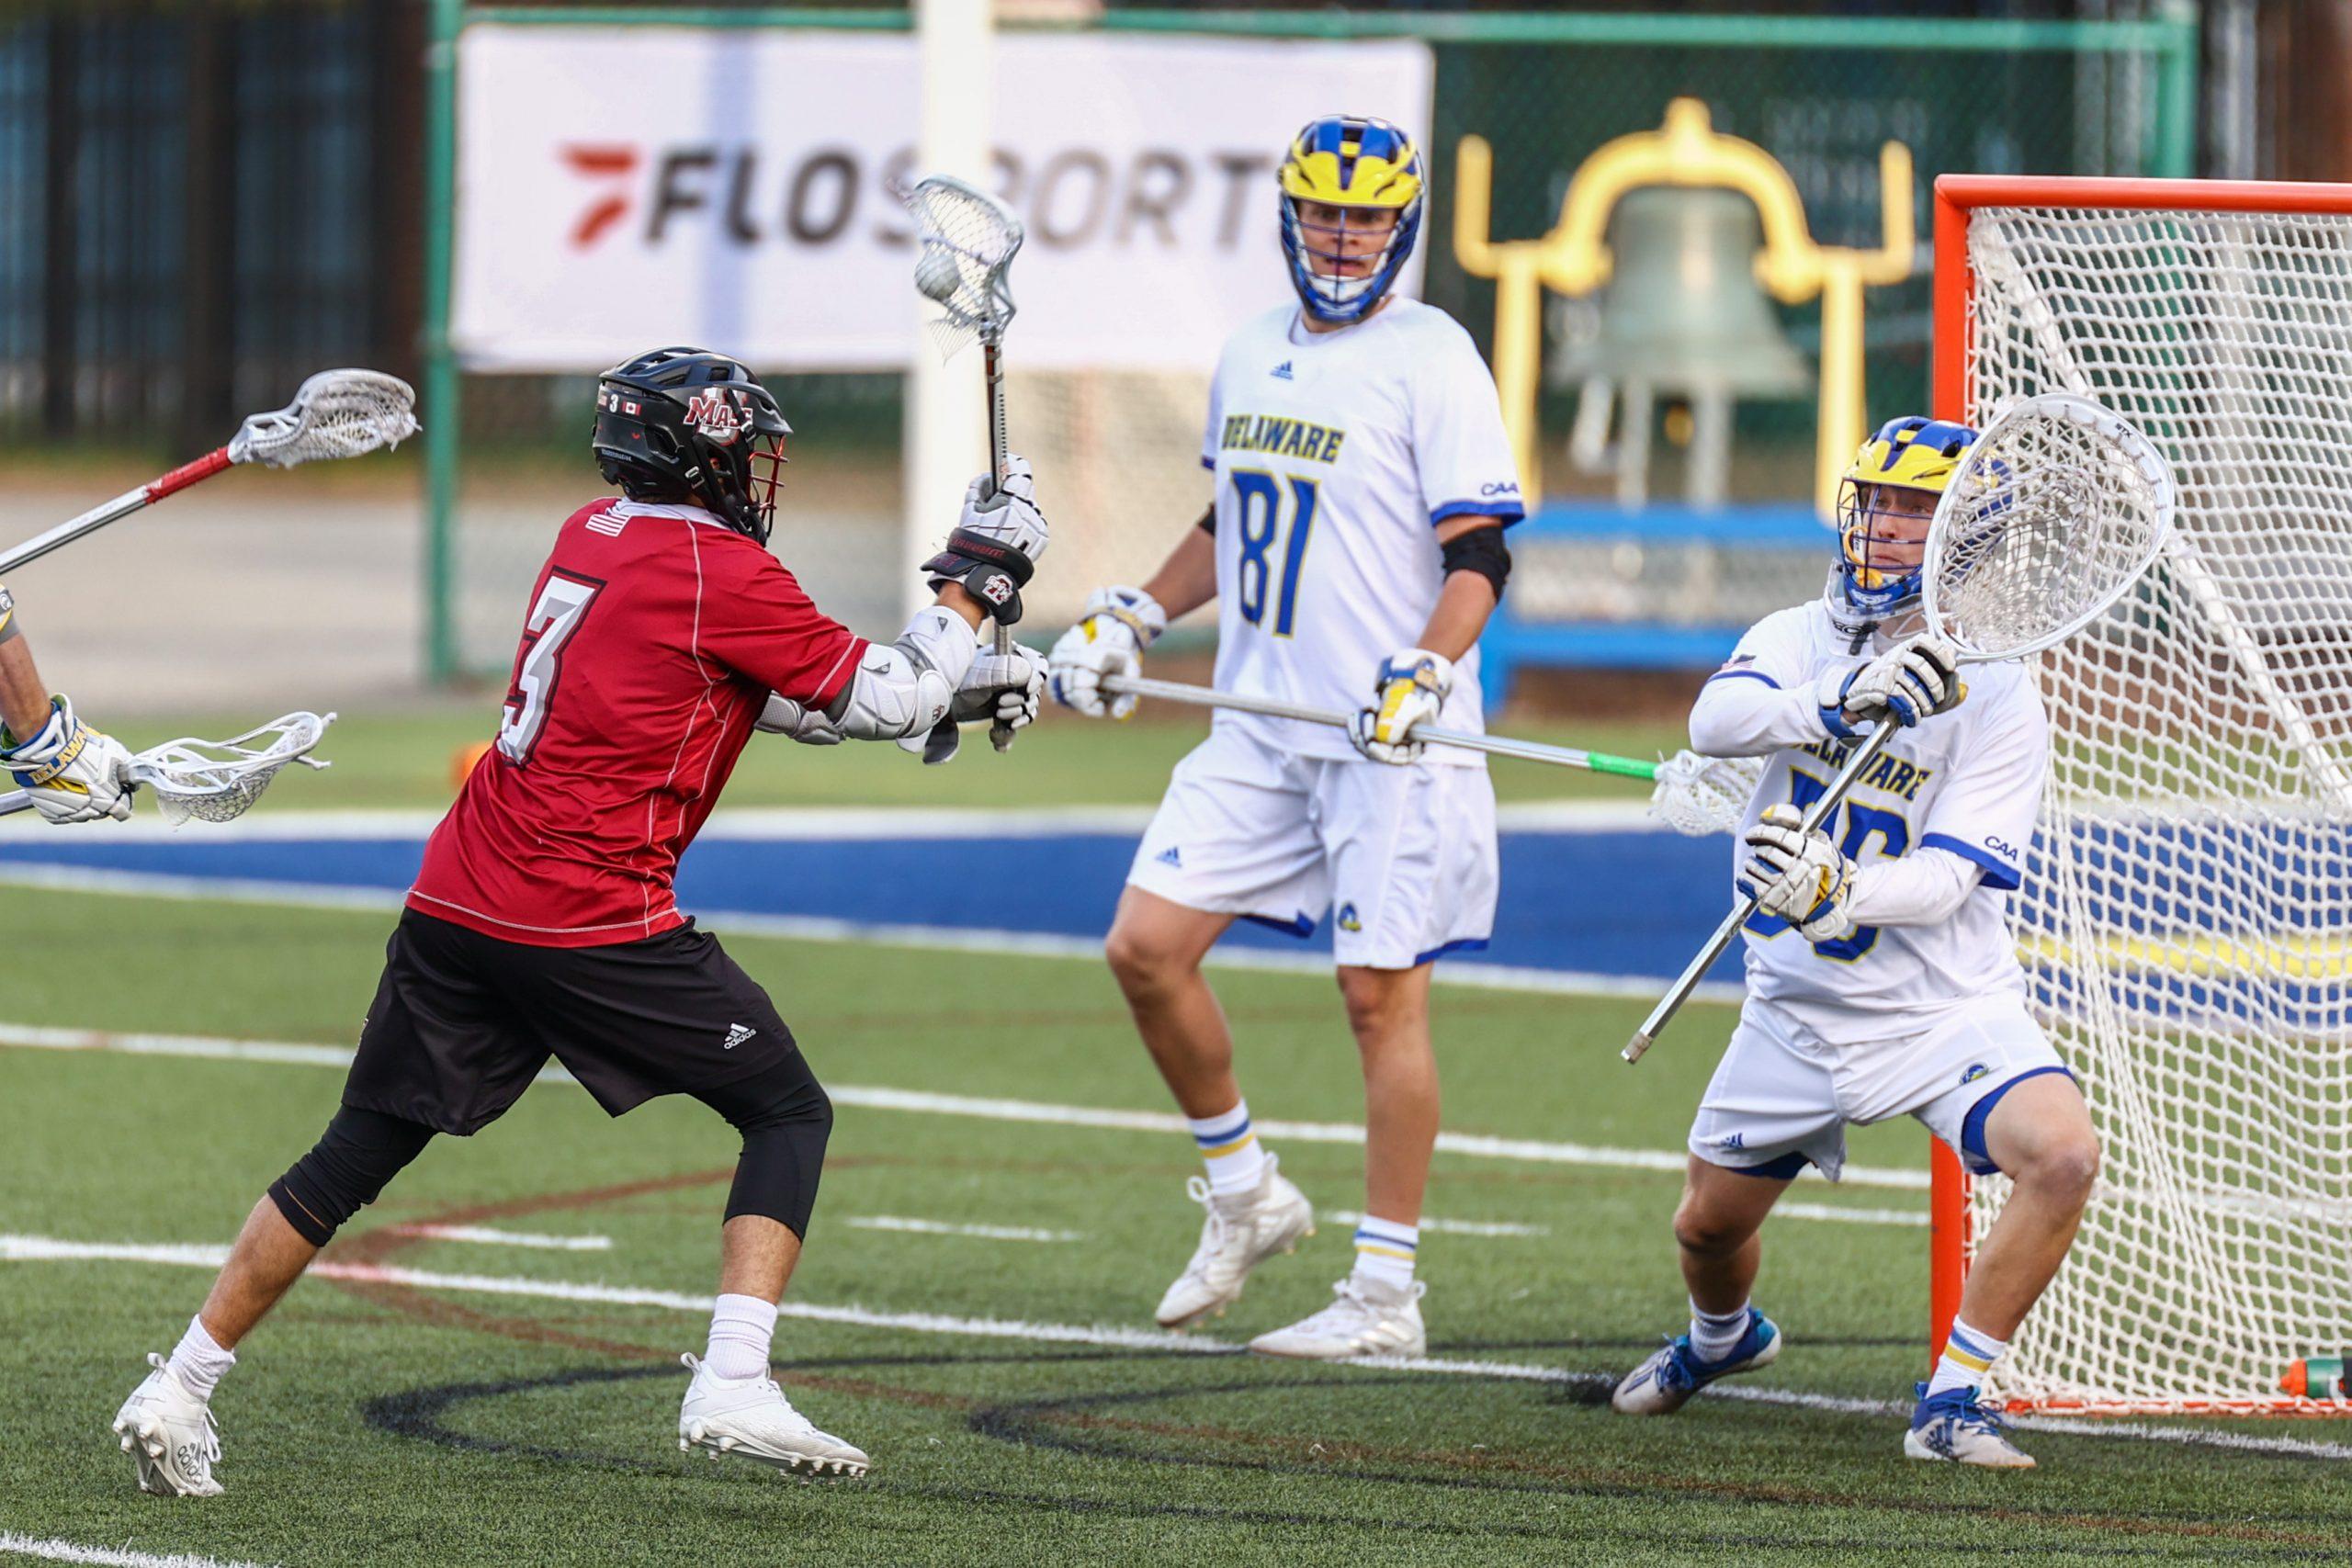 Devin Spencer UMASS Lacrosse Matt Kilkeary Delaware